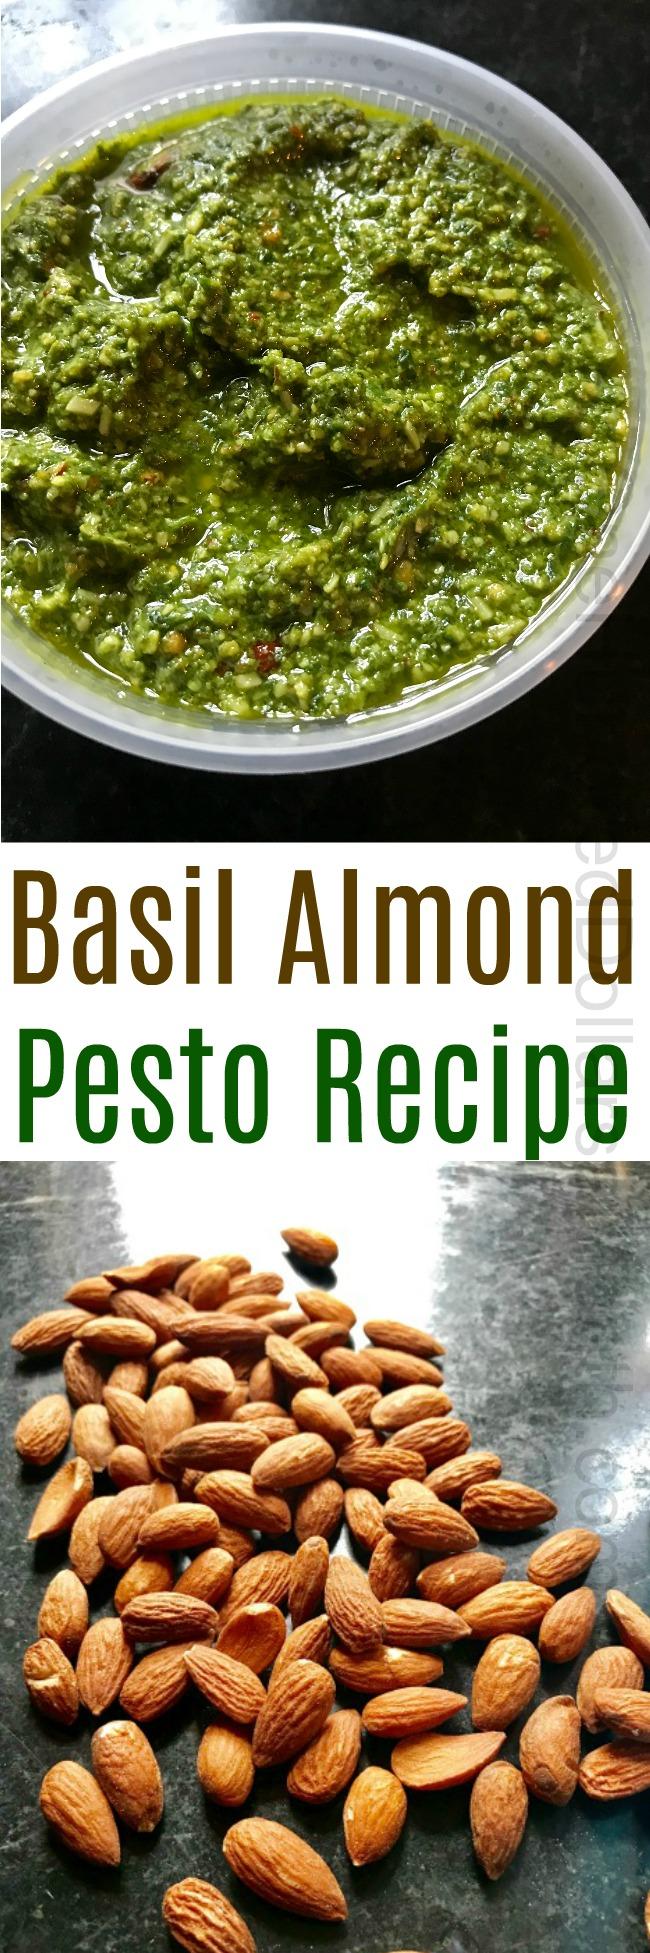 Basil Almond Pesto Recipe